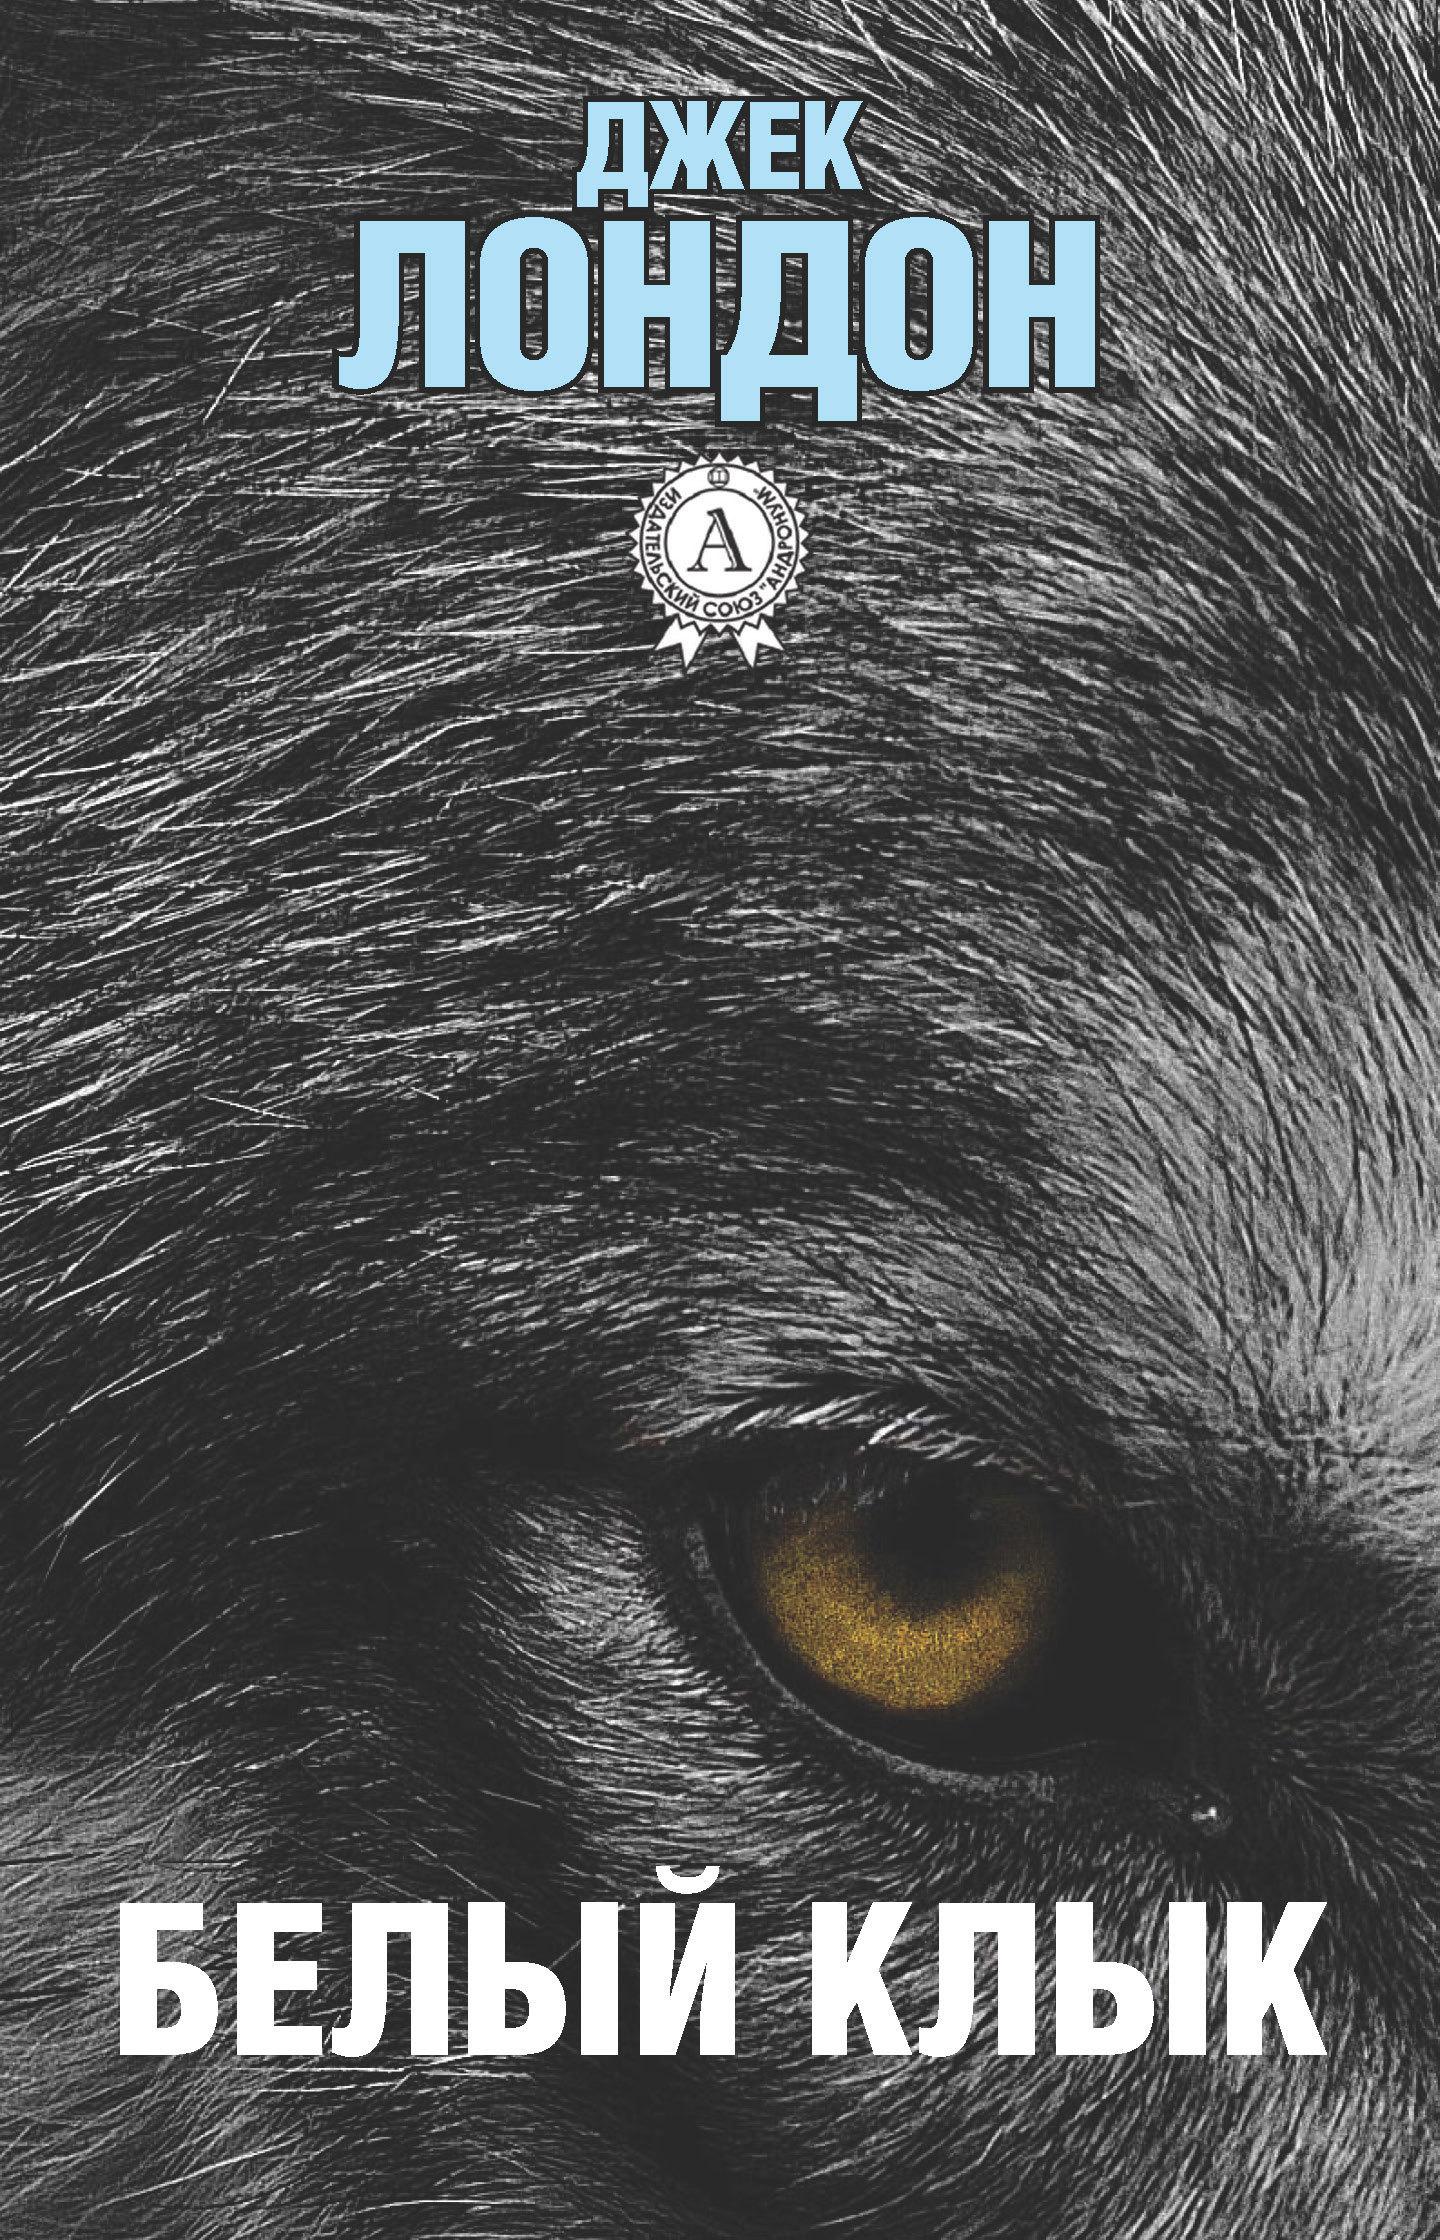 Книга белый клык скачать бесплатно в pdf, epub, fb2, txt, джек.